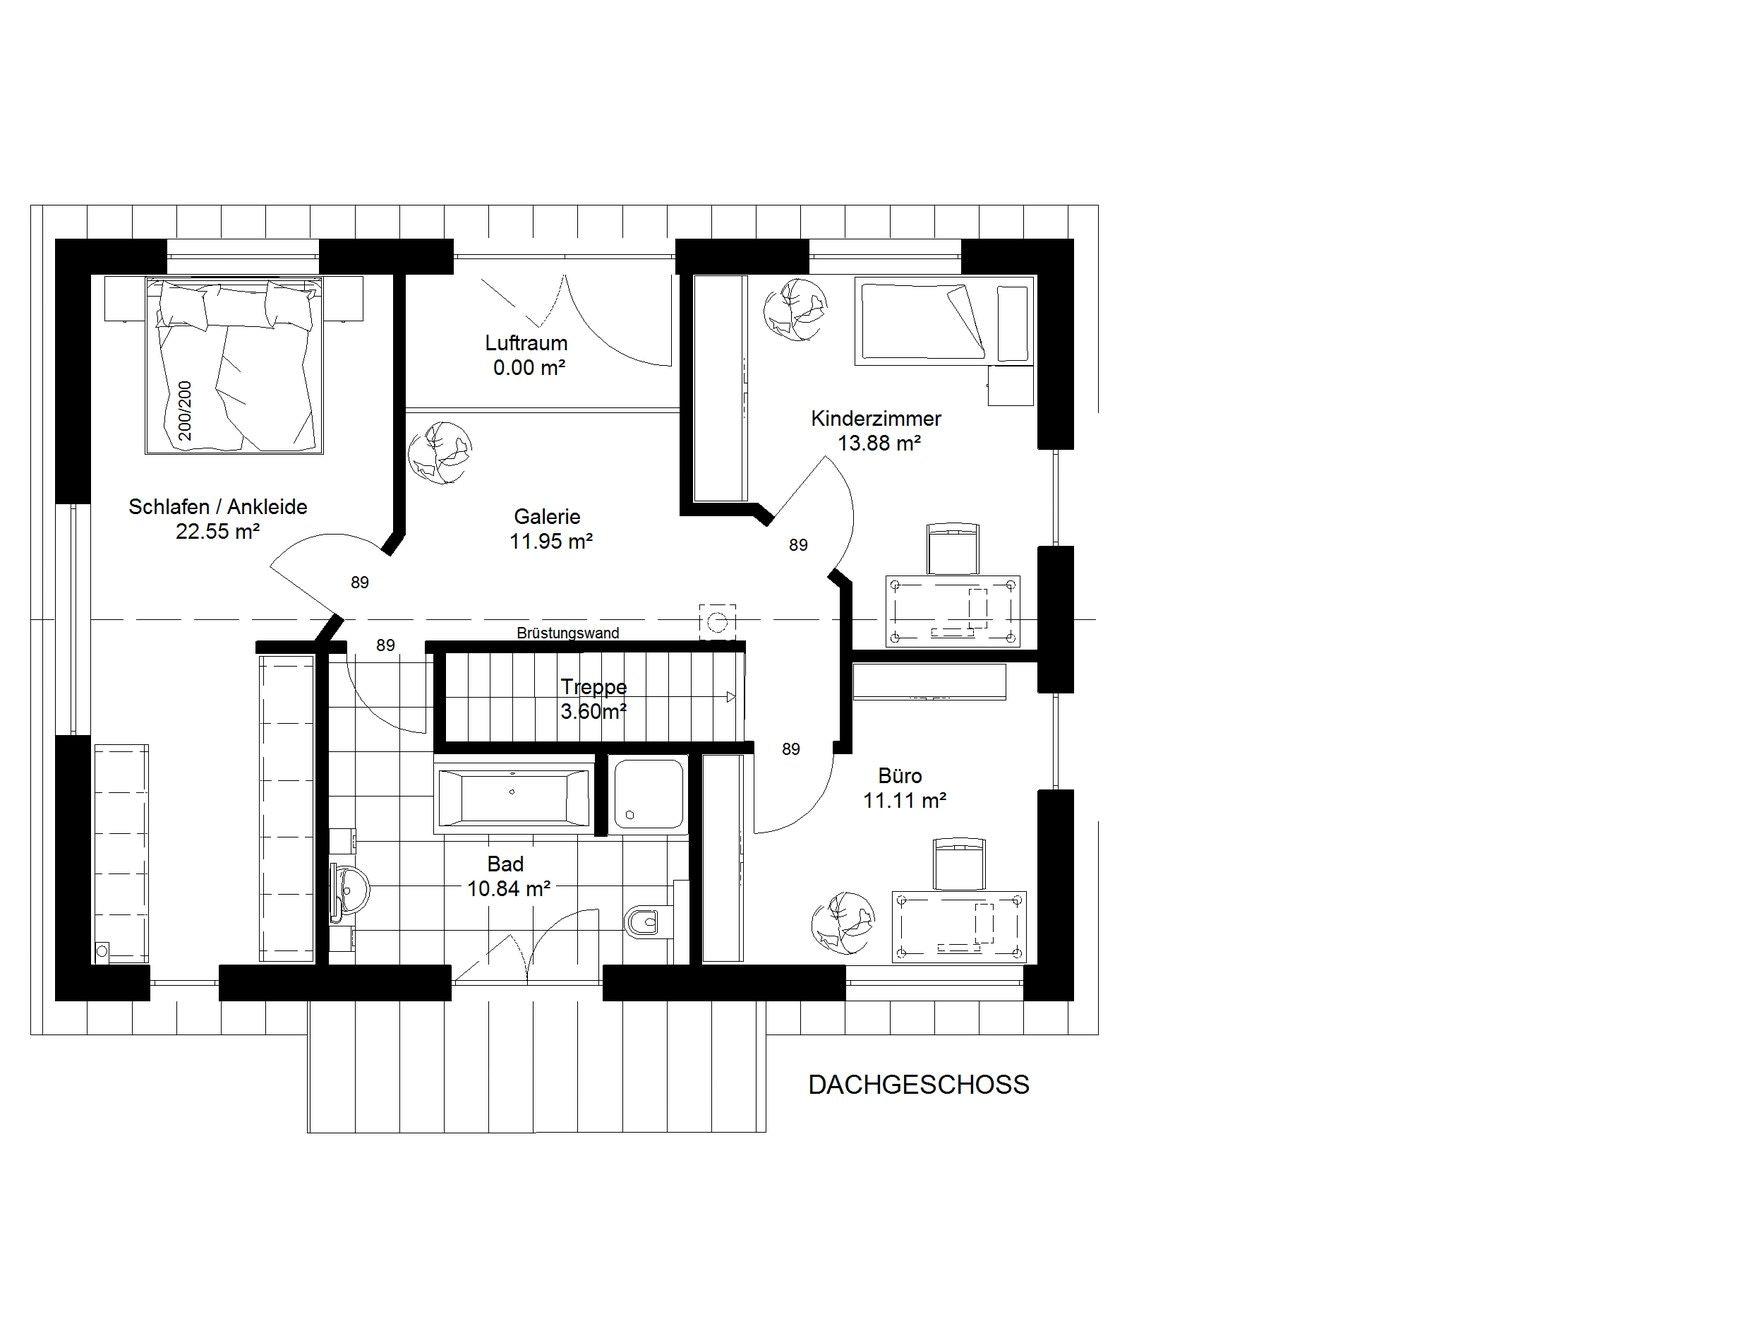 Modell 11 floor_plans 0